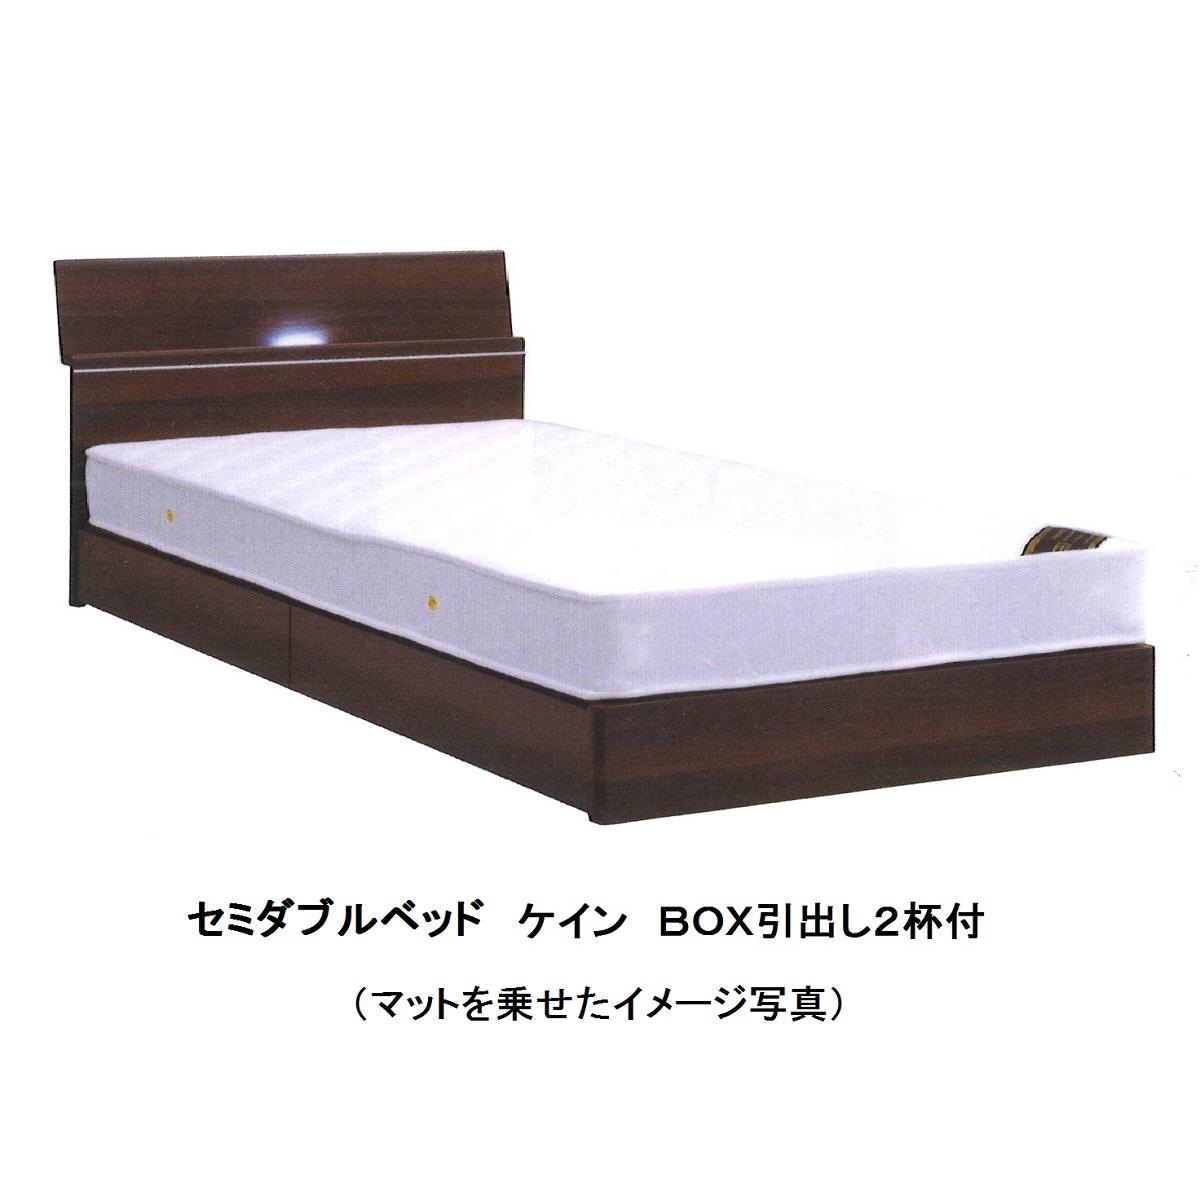 セミダブルベッド ケインBOXタイプブラウン色床板:布張り材質:MDF・強化シートスライドレール付引出し2杯付LEDライト付、コンセント付マット別要在庫確認